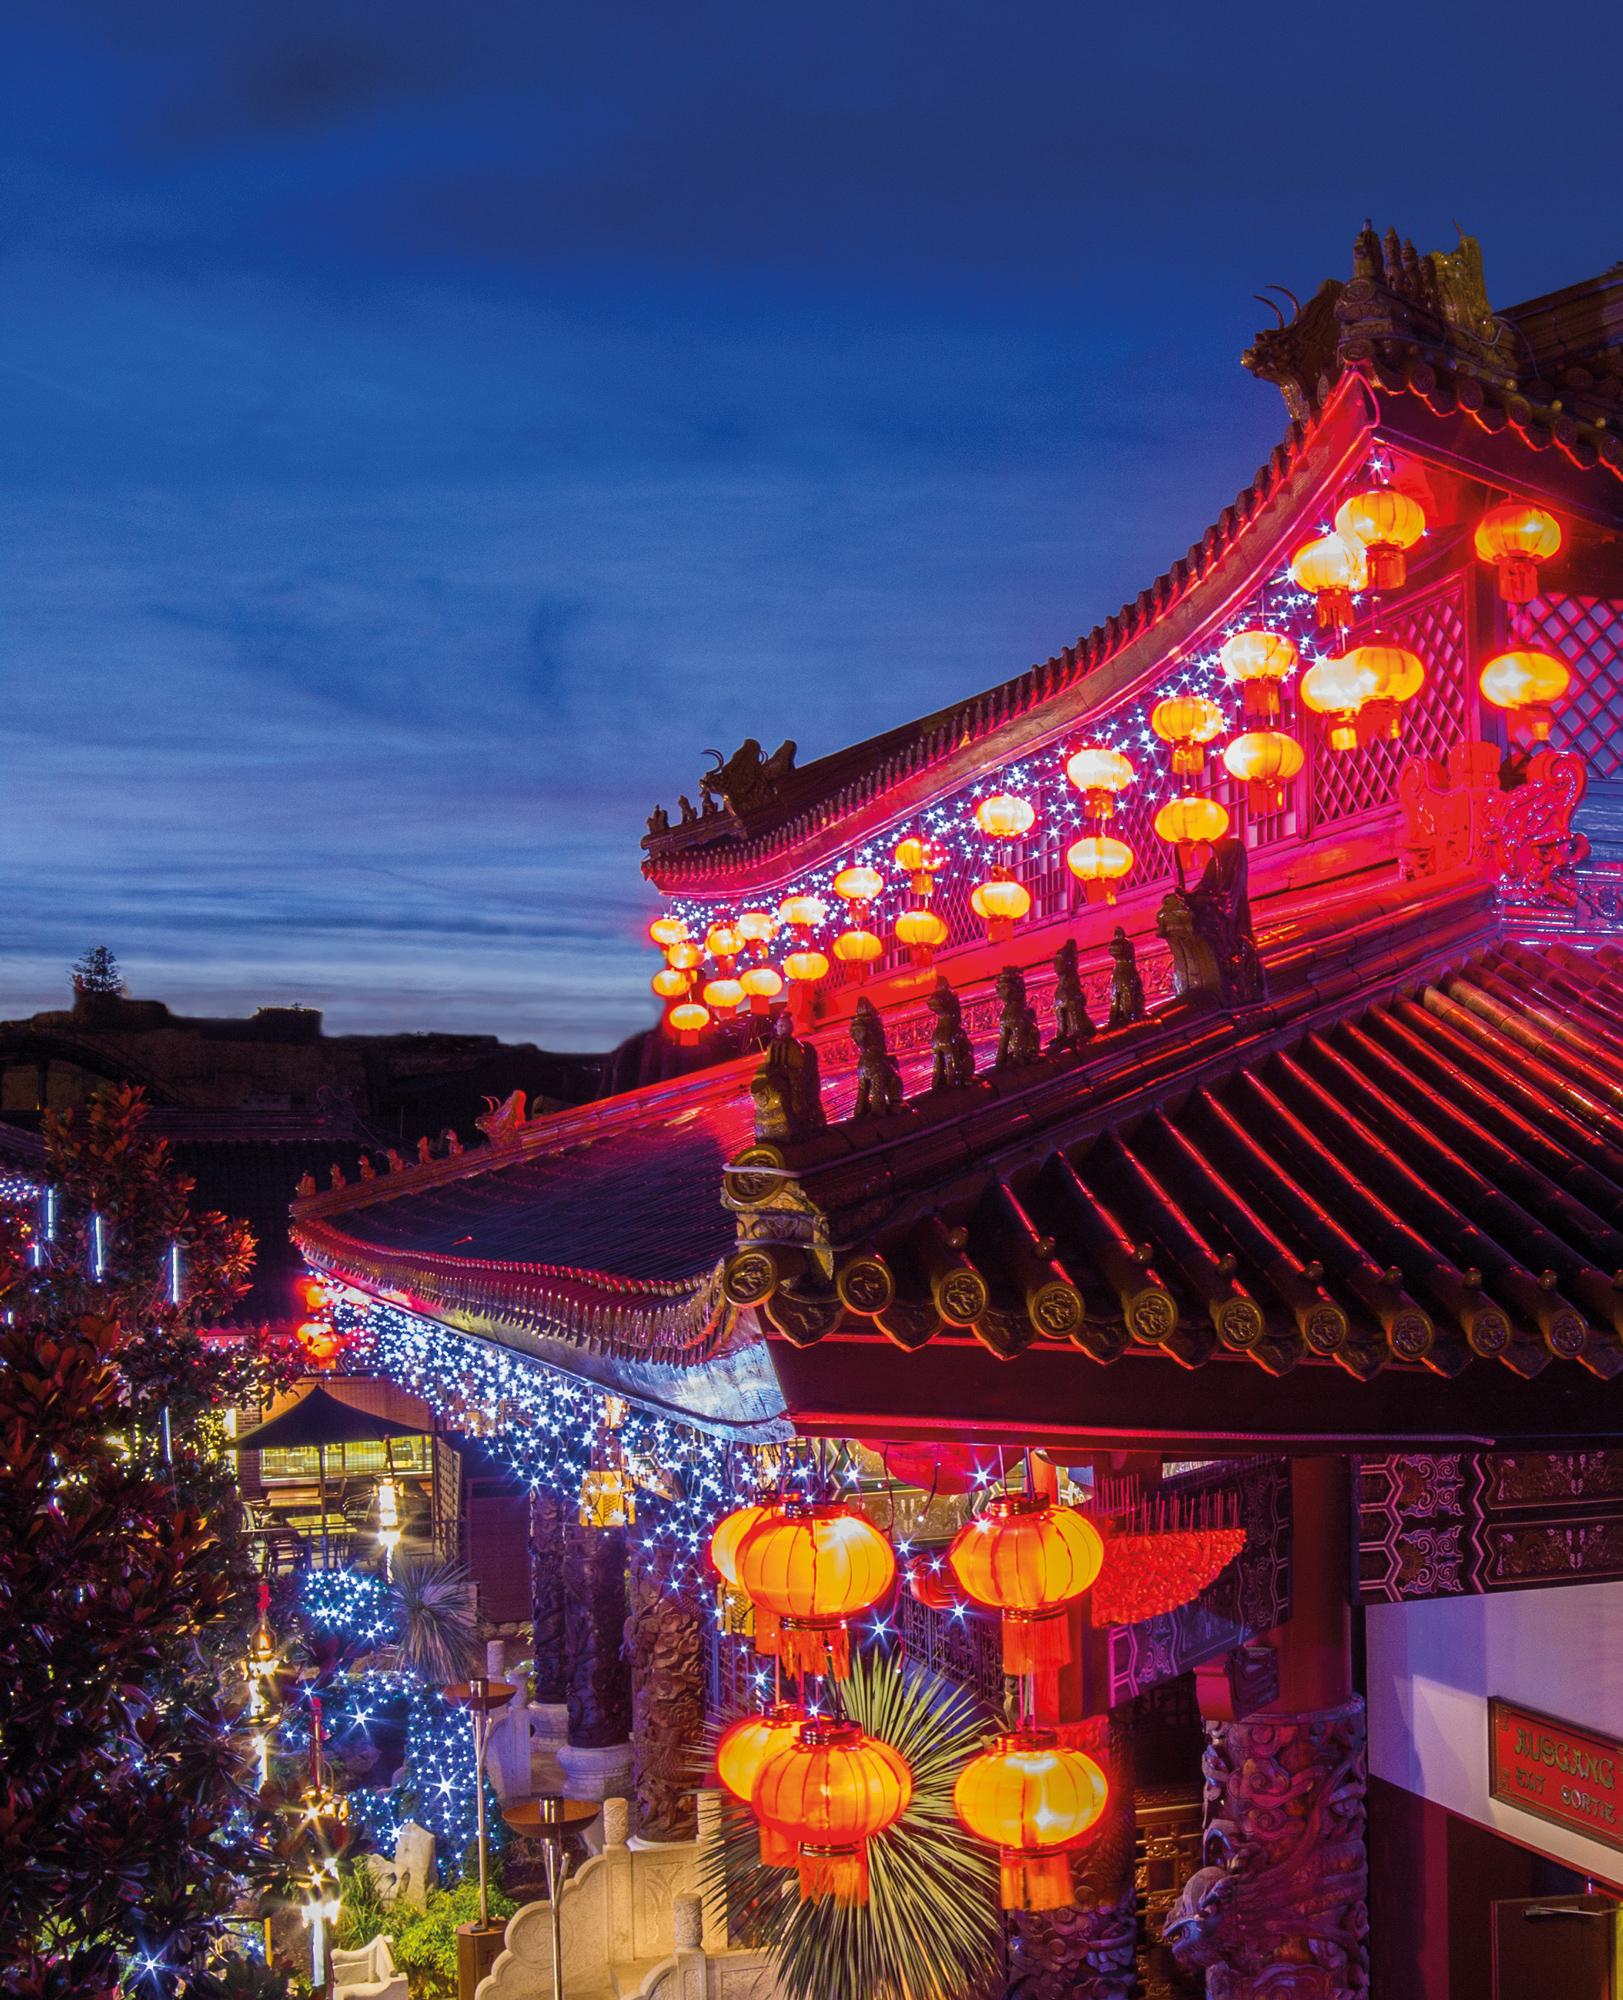 Unzählige Lichter erstrahlen in den festlich geschmückten Straßen und Gärten